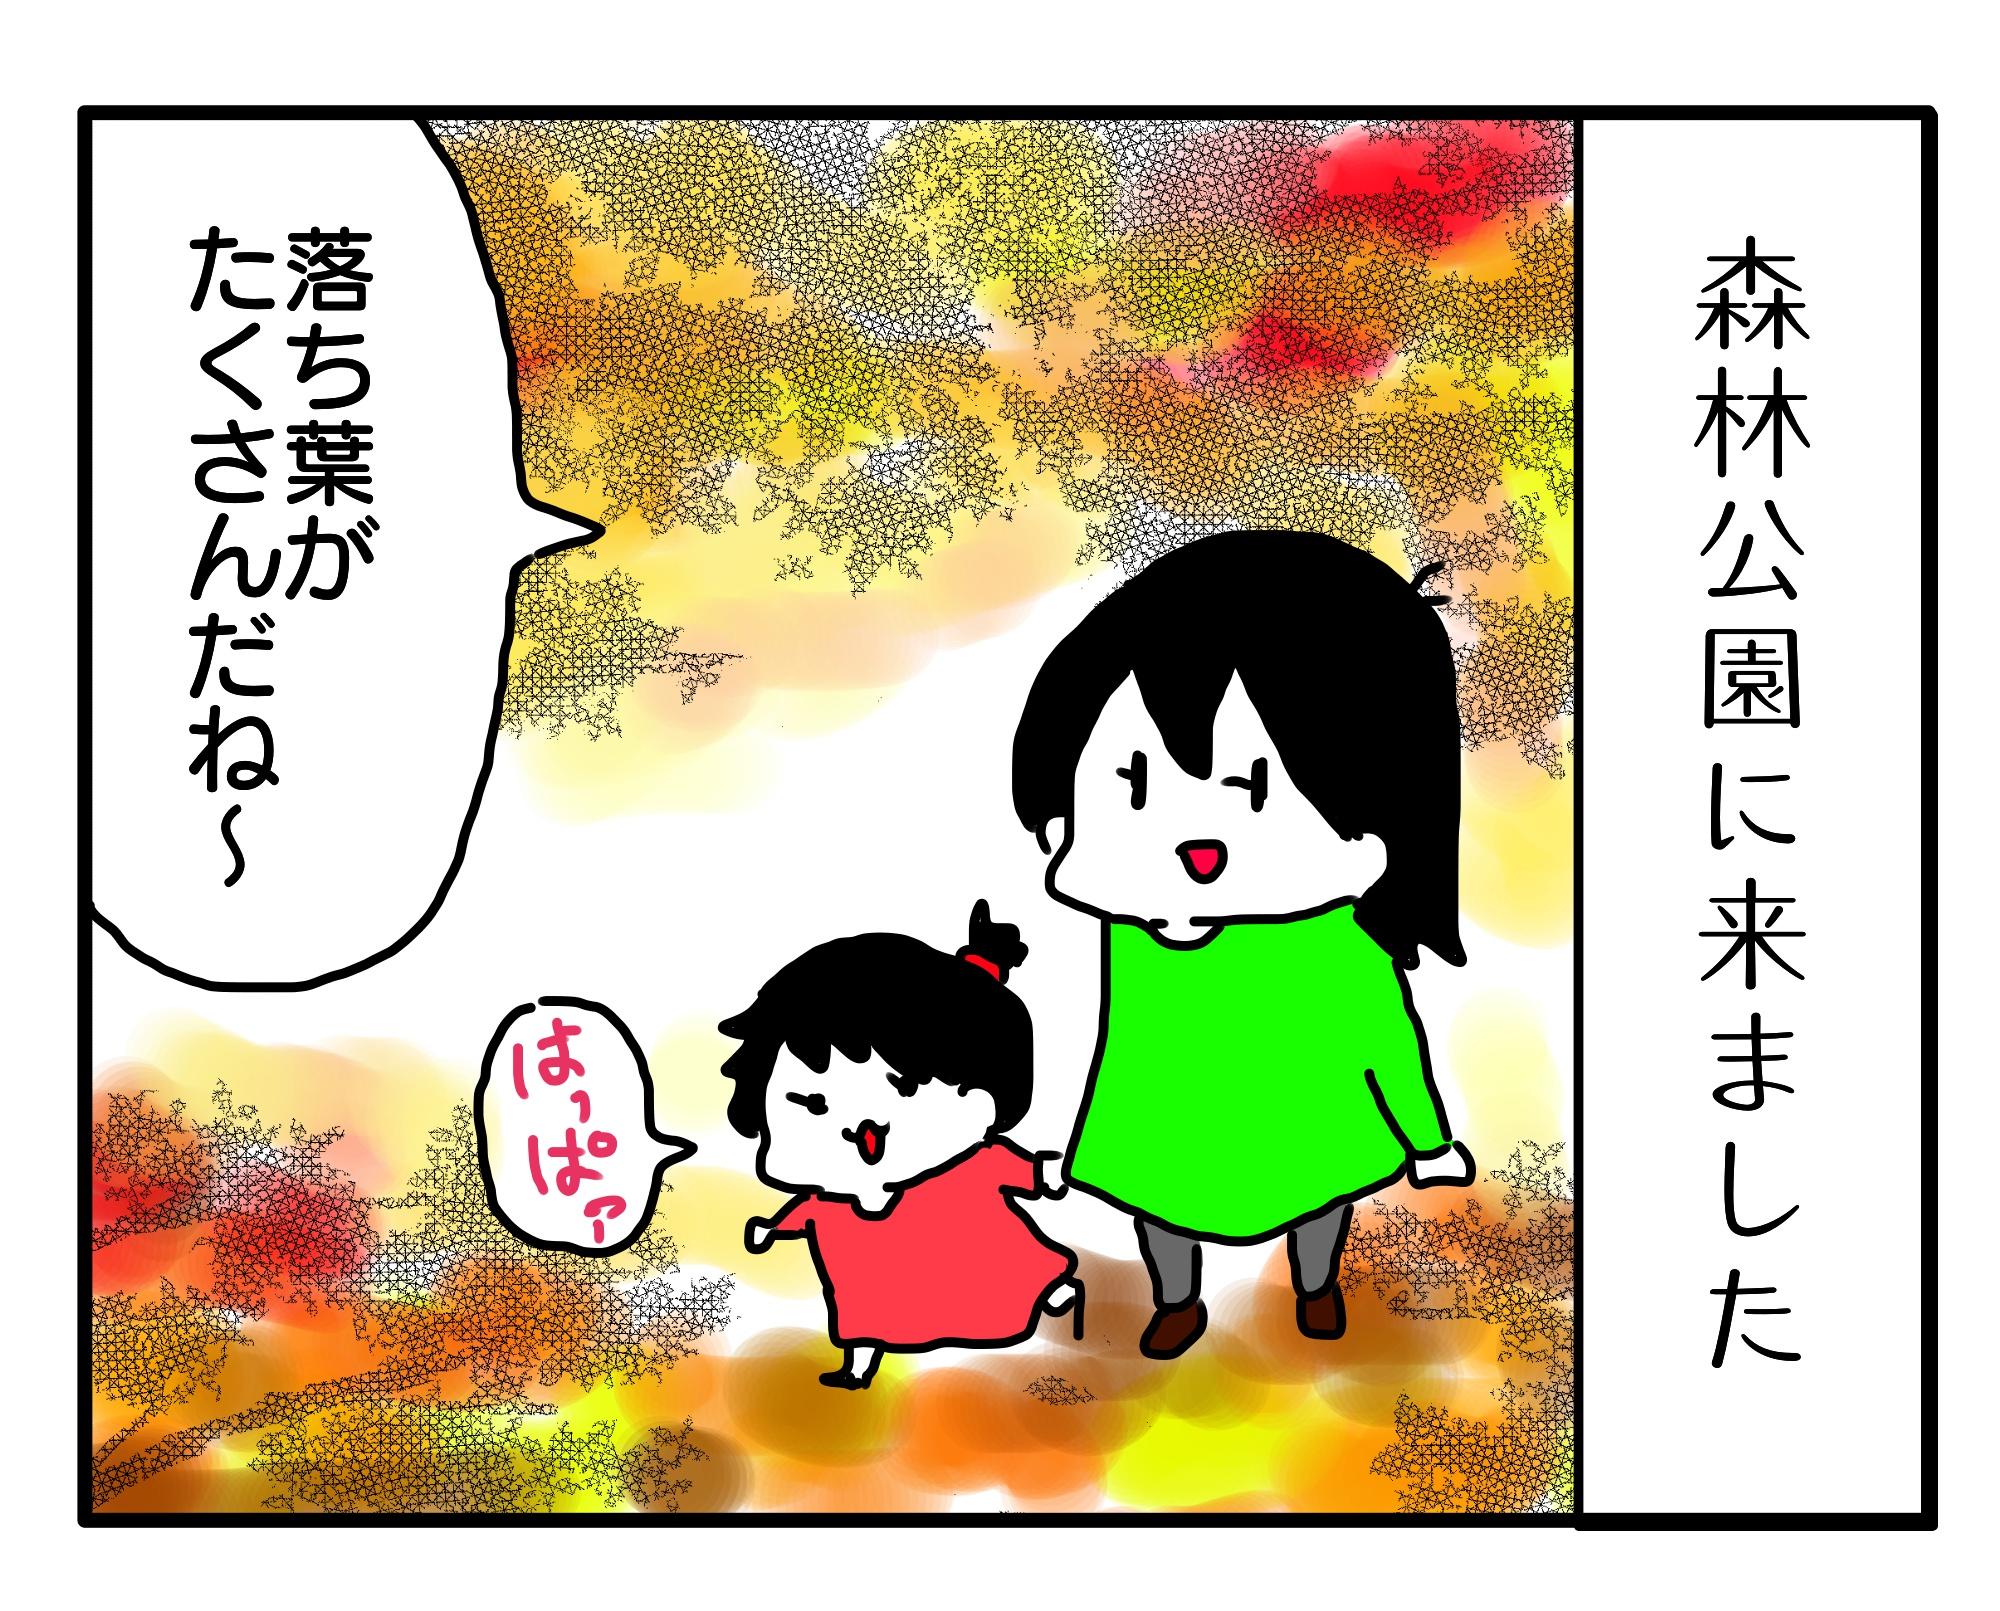 今日もポニョ子びより#6「秋の収穫祭」